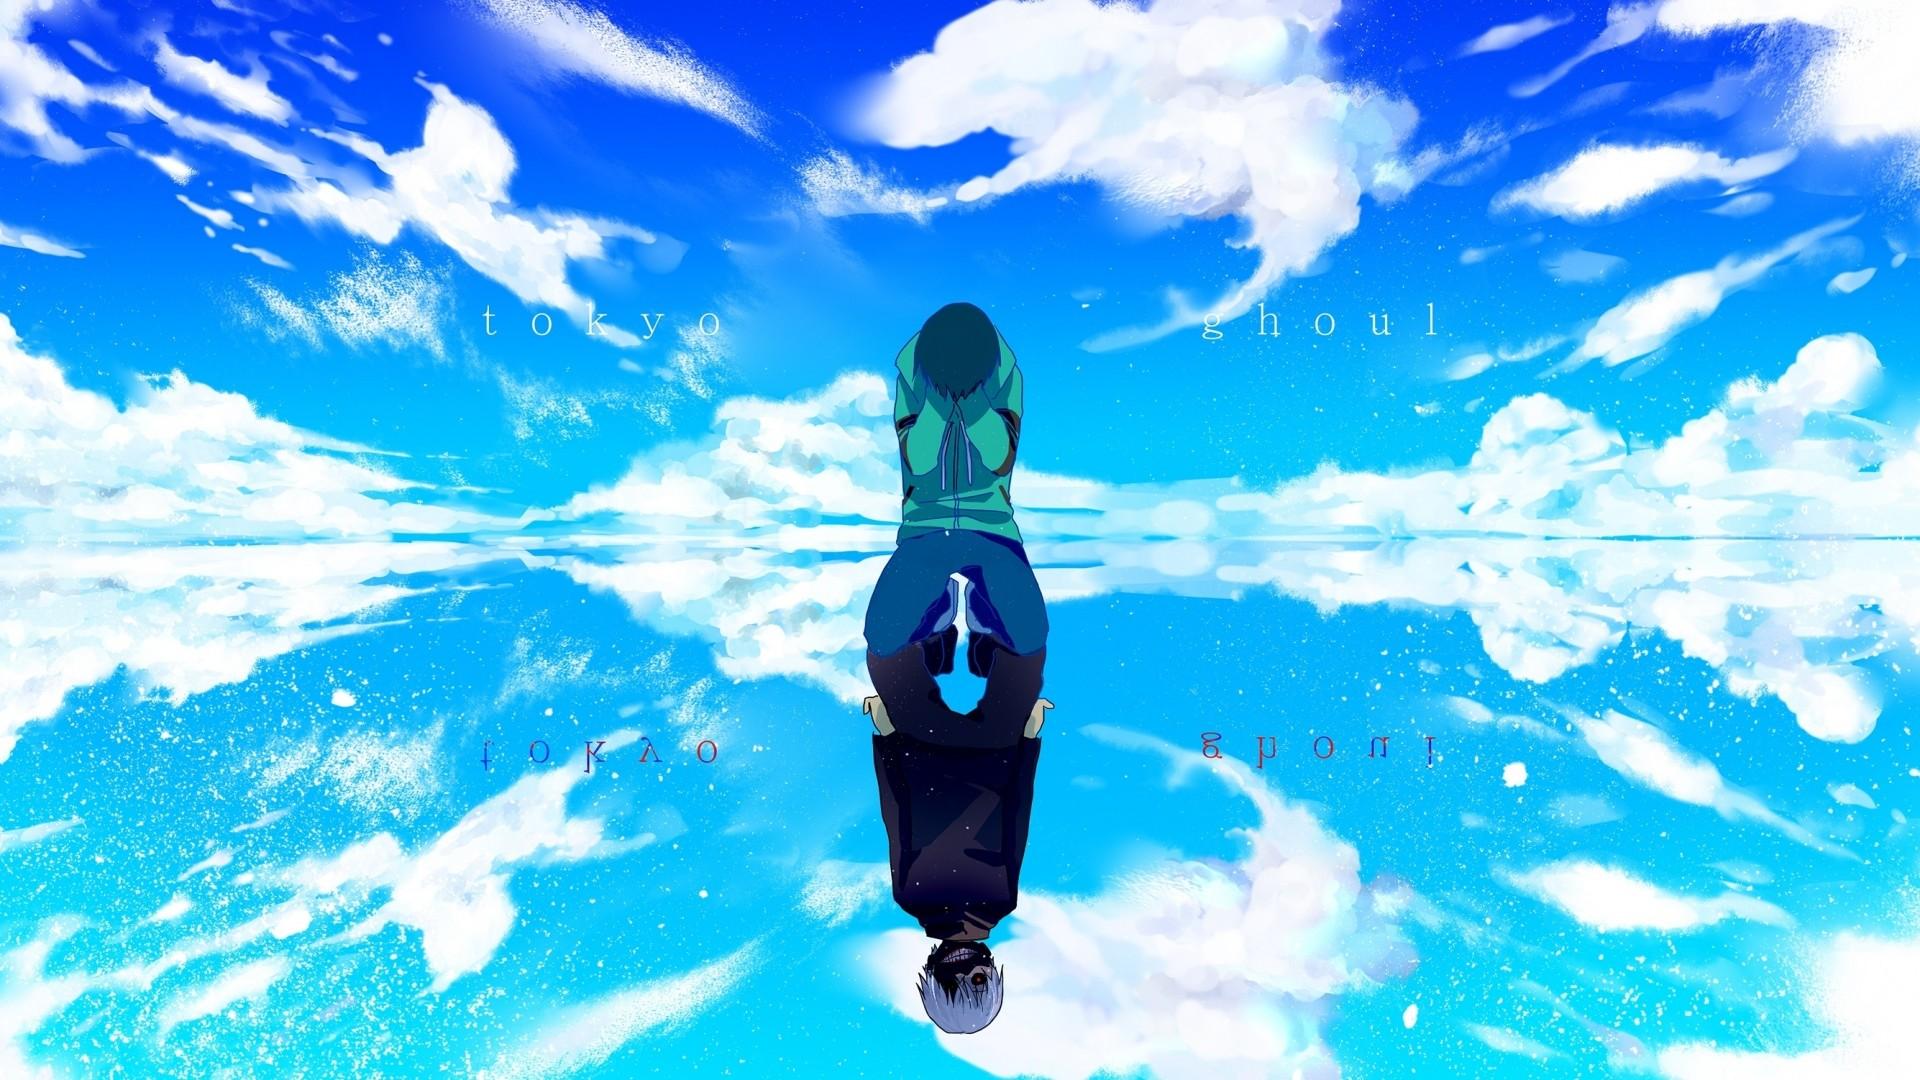 Wallpaper tokyo ghoul, kaneki ken, man, reflection